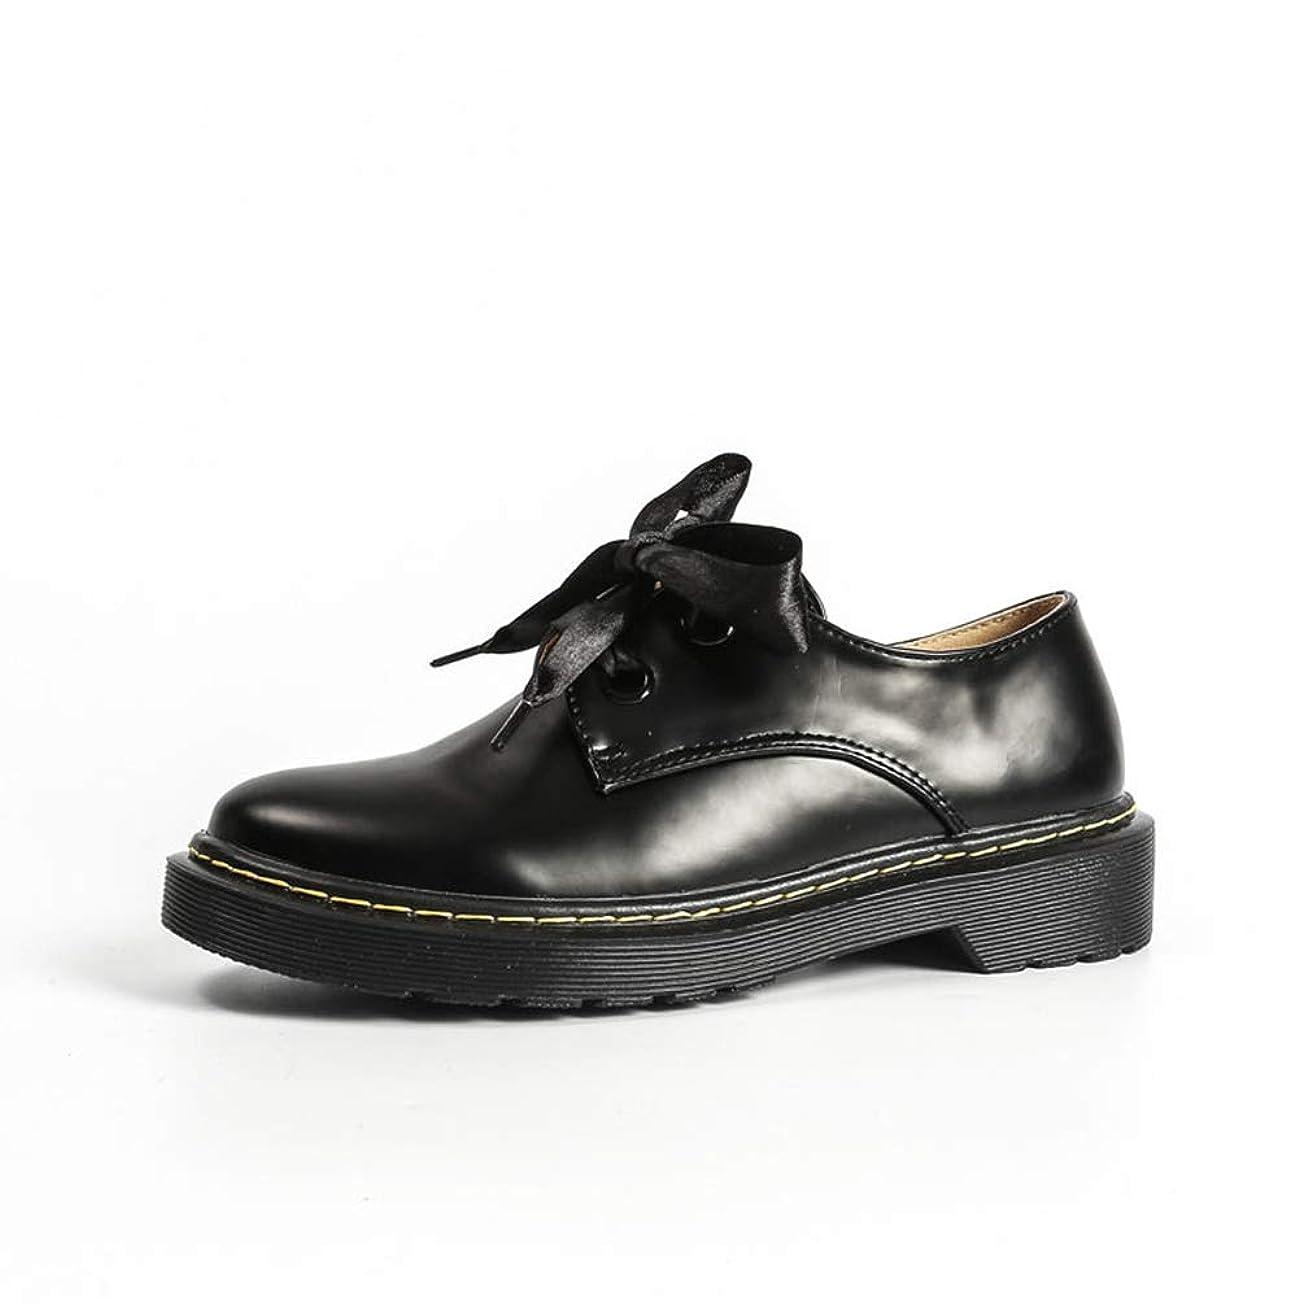 財政先見の明鳴らす[THLD] スムース レースアップシューズ レディース ドレスシューズ 歩きやすい 小さいサイズ 大きいサイズ マニッシュ ブラック レースアップ シンプル メンズライク ローヒール おじ靴 フラットシューズ